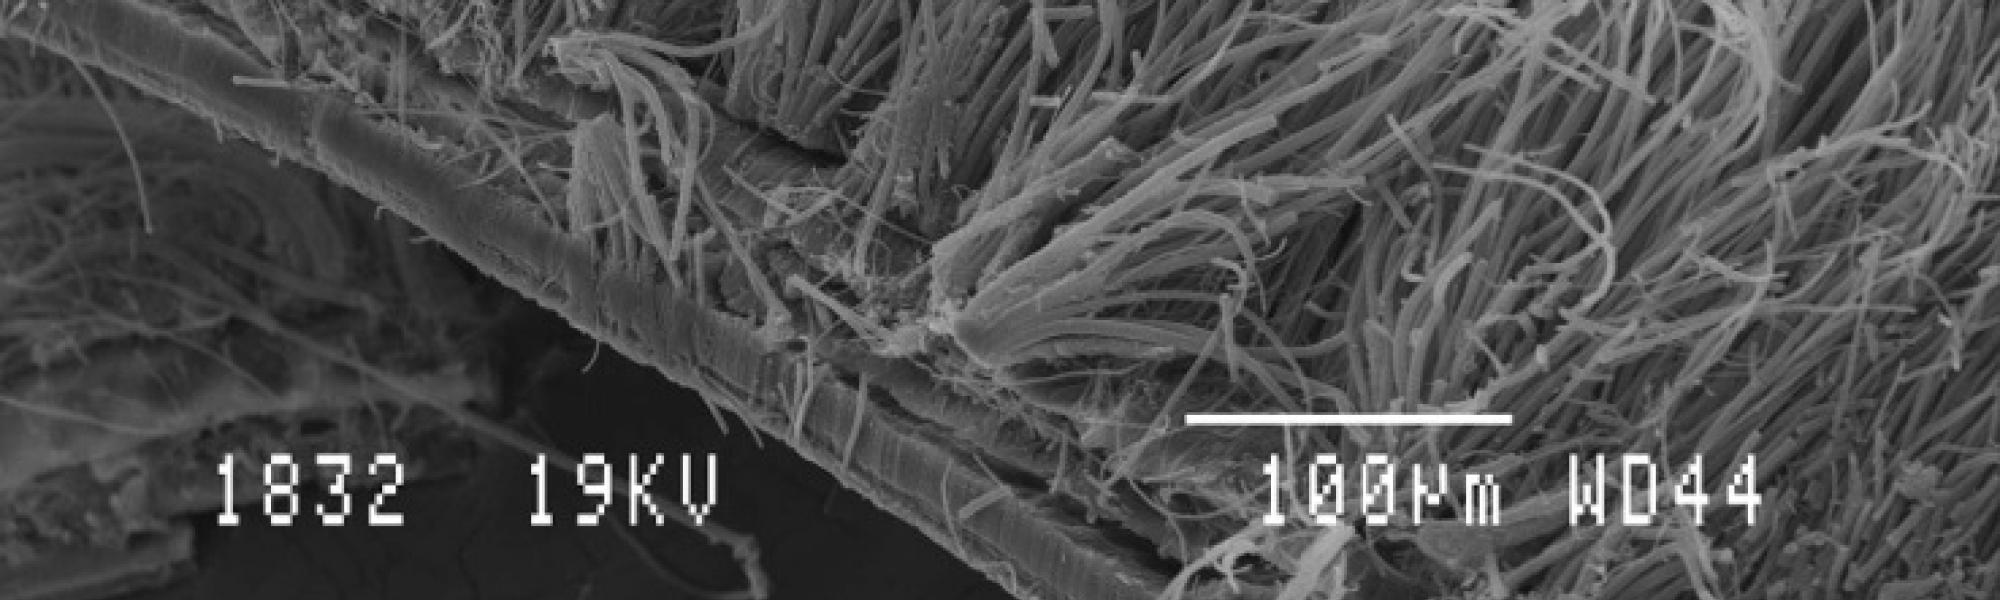 Face interne de la cavite branchiale de Rimicaris exoculata